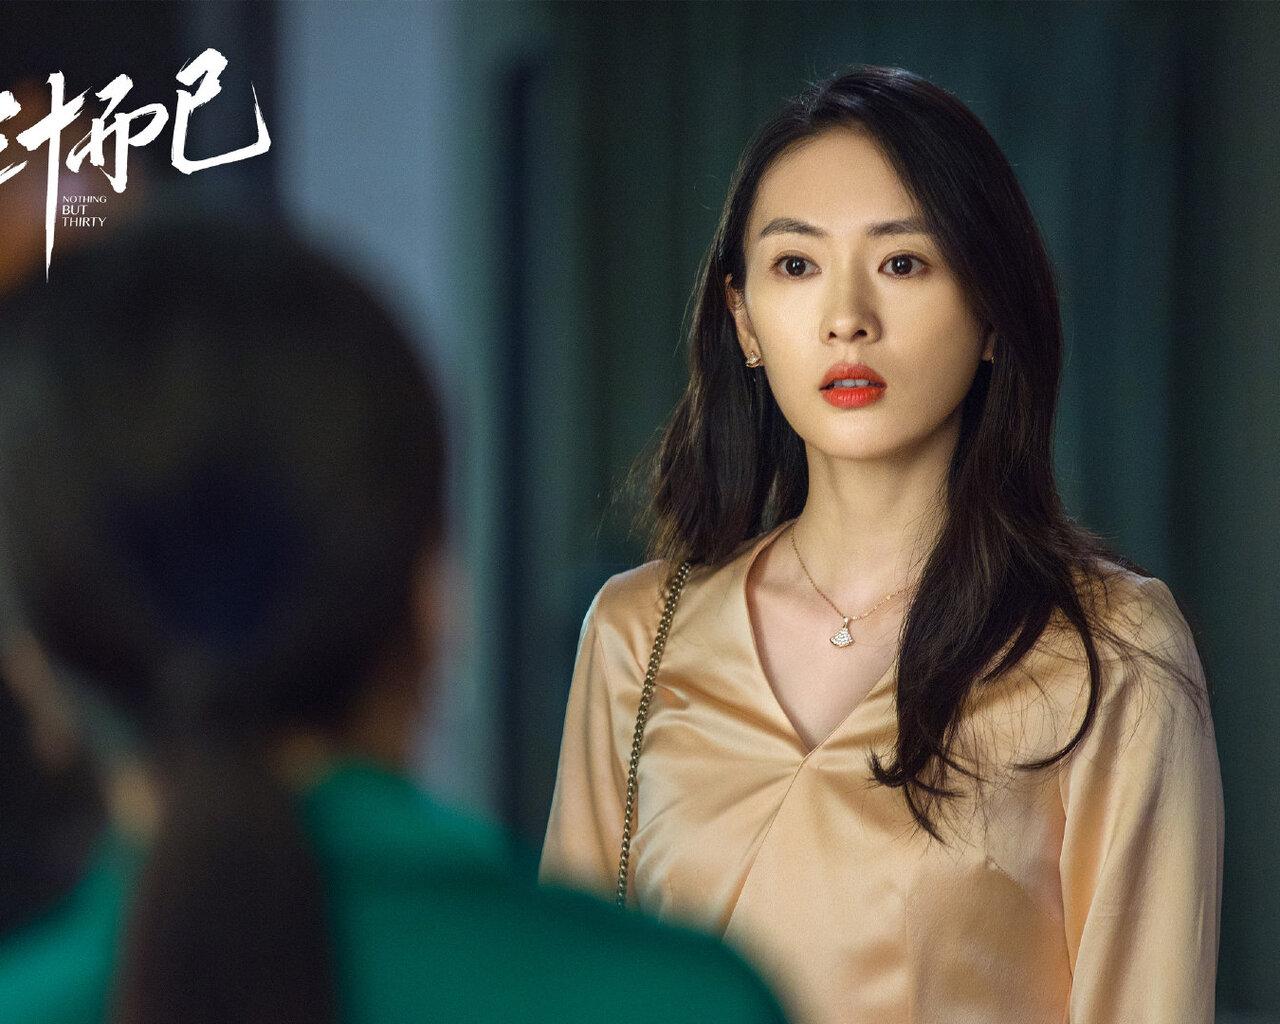 Đồng Dao mặc đầm xanh, đeo dây chuyền mảnh trong 30 chưa phải hết